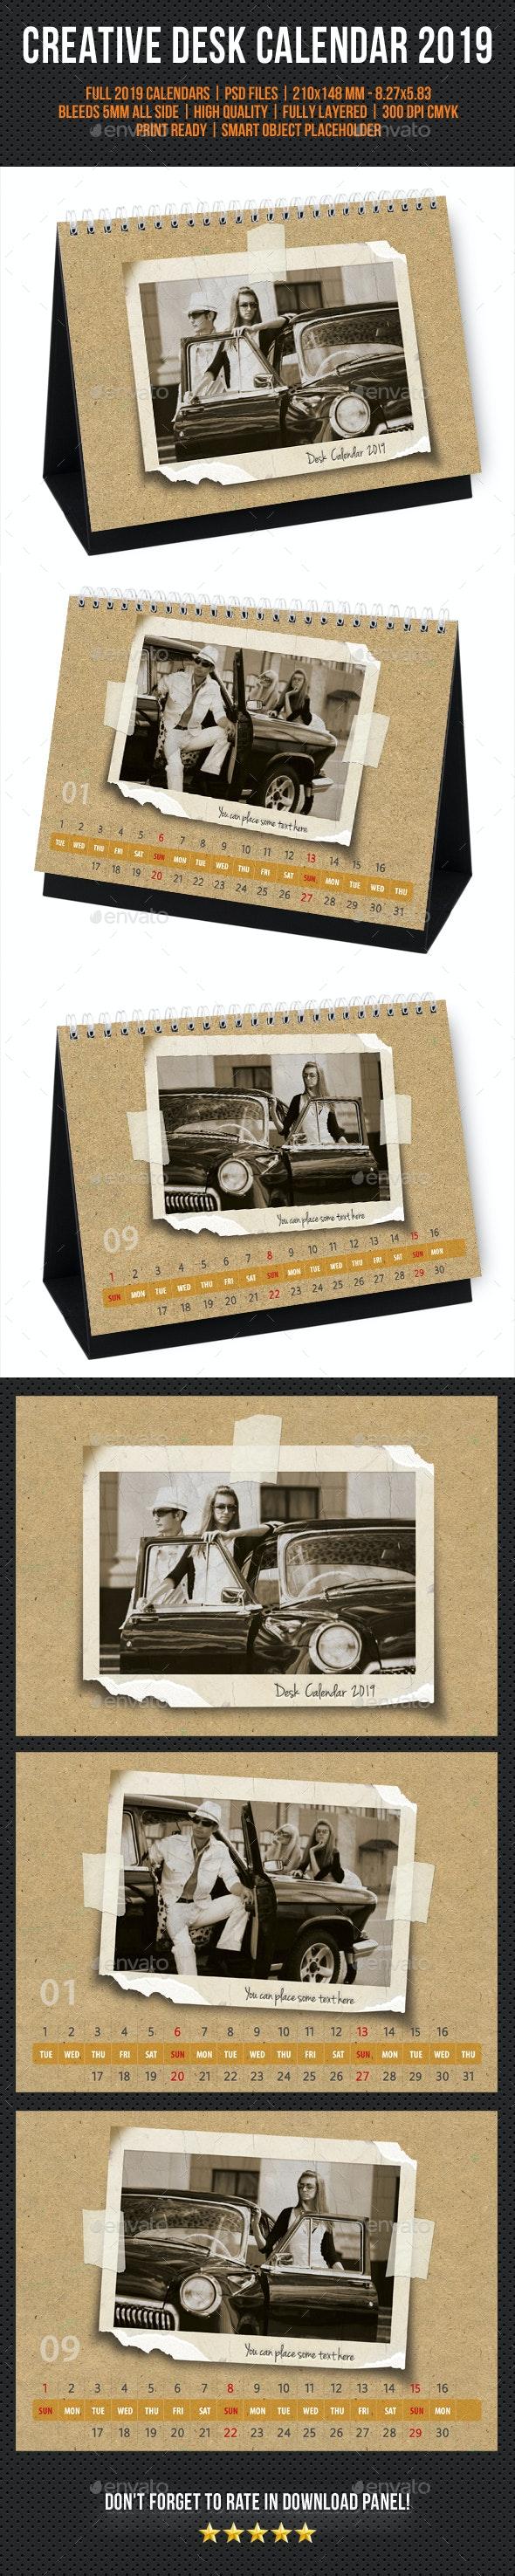 Creative Desk Calendar 2019 V31 - Calendars Stationery